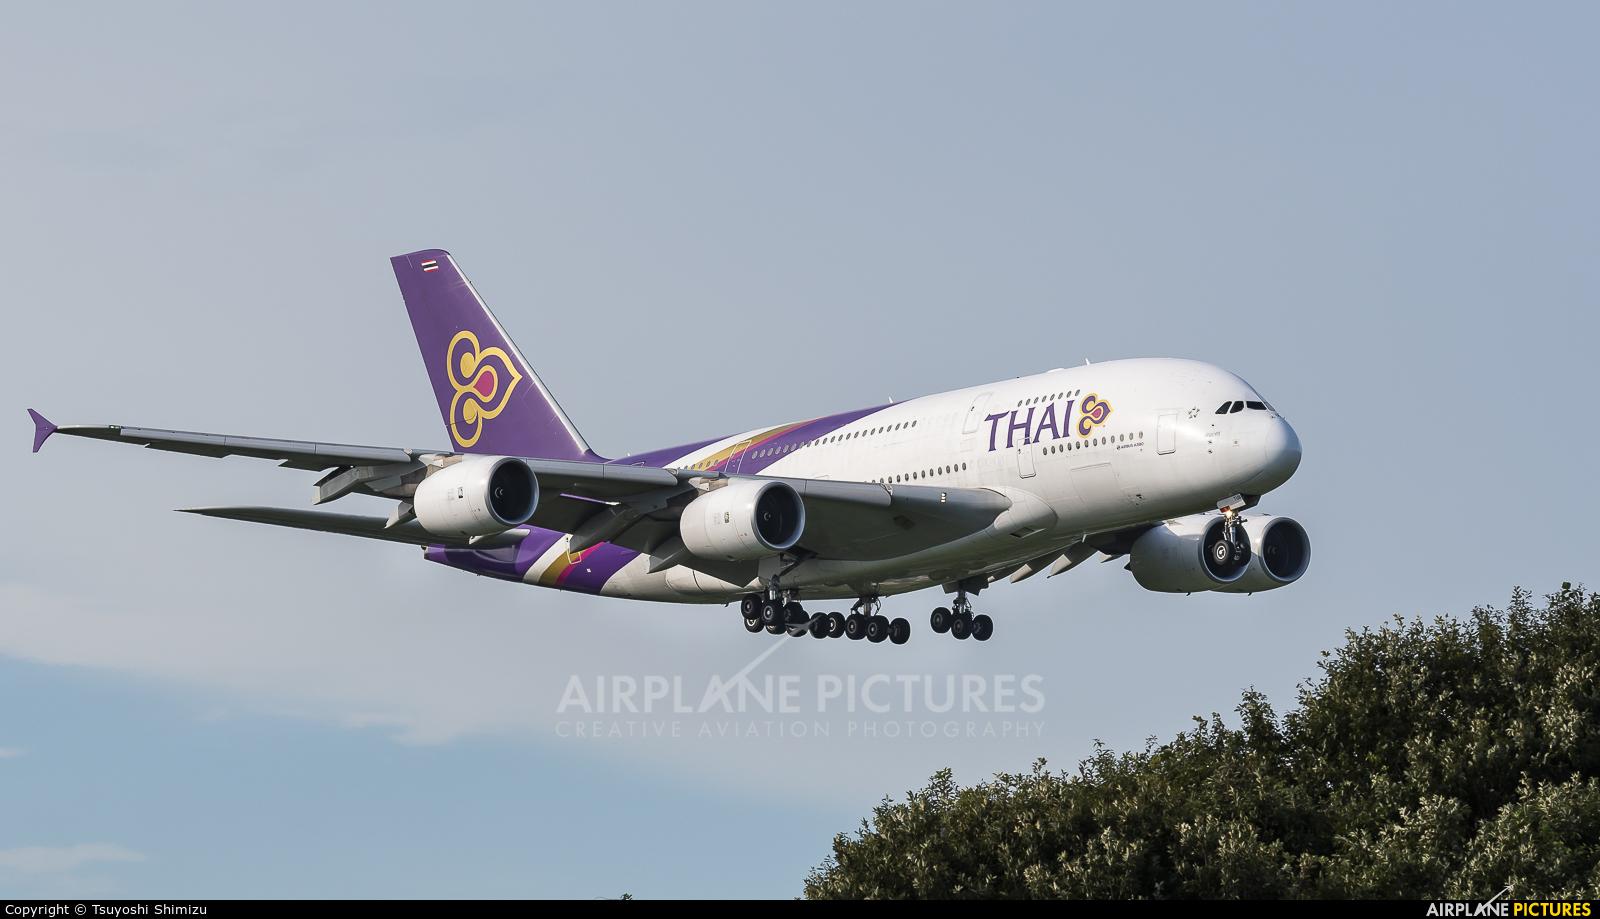 Thai Airways HS-TUB aircraft at Tokyo - Narita Intl